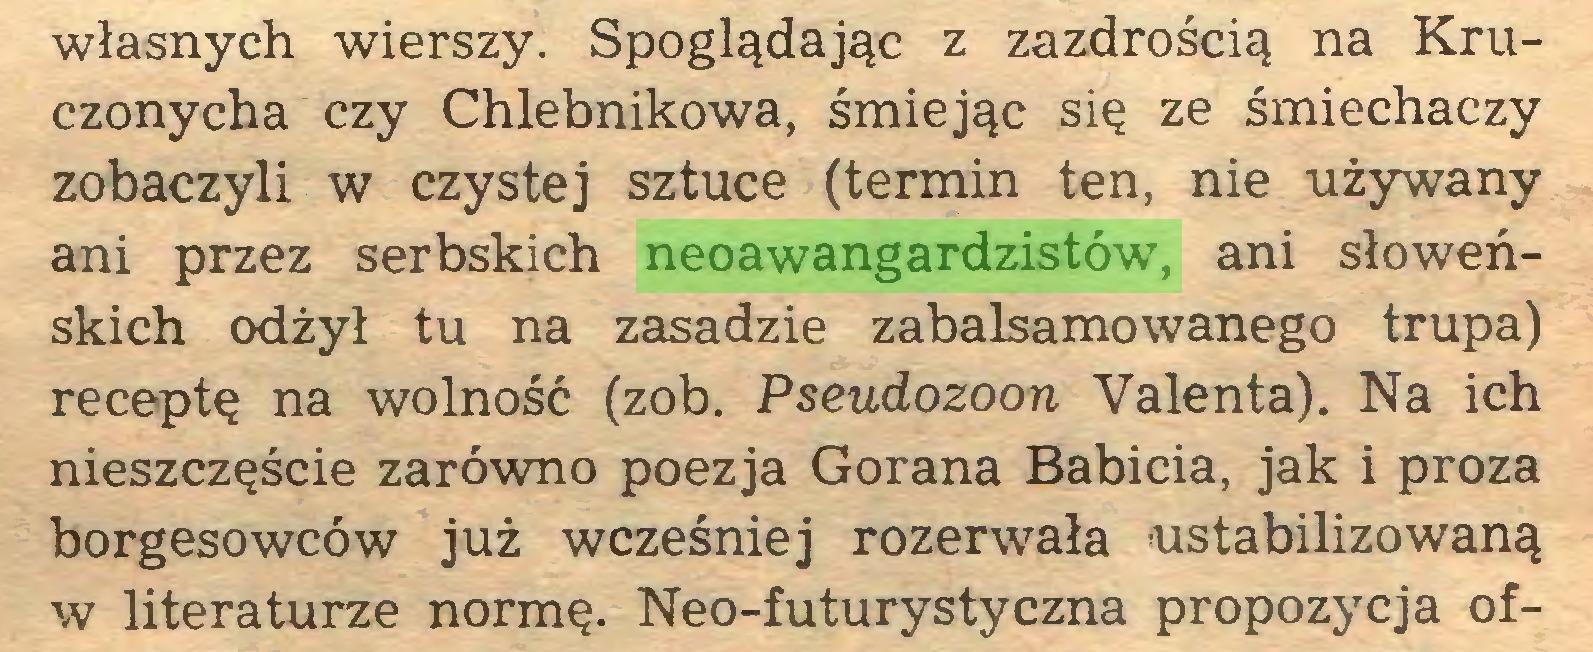 (...) własnych wierszy. Spoglądając z zazdrością na Kruczonycha czy Chlebnikowa, śmiejąc się ze śmiechaczy zobaczyli w czystej sztuce (termin ten, nie używany ani przez serbskich neoawangardzistów, ani słoweńskich odżył tu na zasadzie zabalsamowanego trupa) receptę na wolność (zob. Pseudozoon Valenta). Na ich nieszczęście zarówno poezja Gorana Babicia, jak i proza borgesowców już wcześniej rozerwała ustabilizowaną w literaturze normę. Neo-futurystyczna propozycja of...